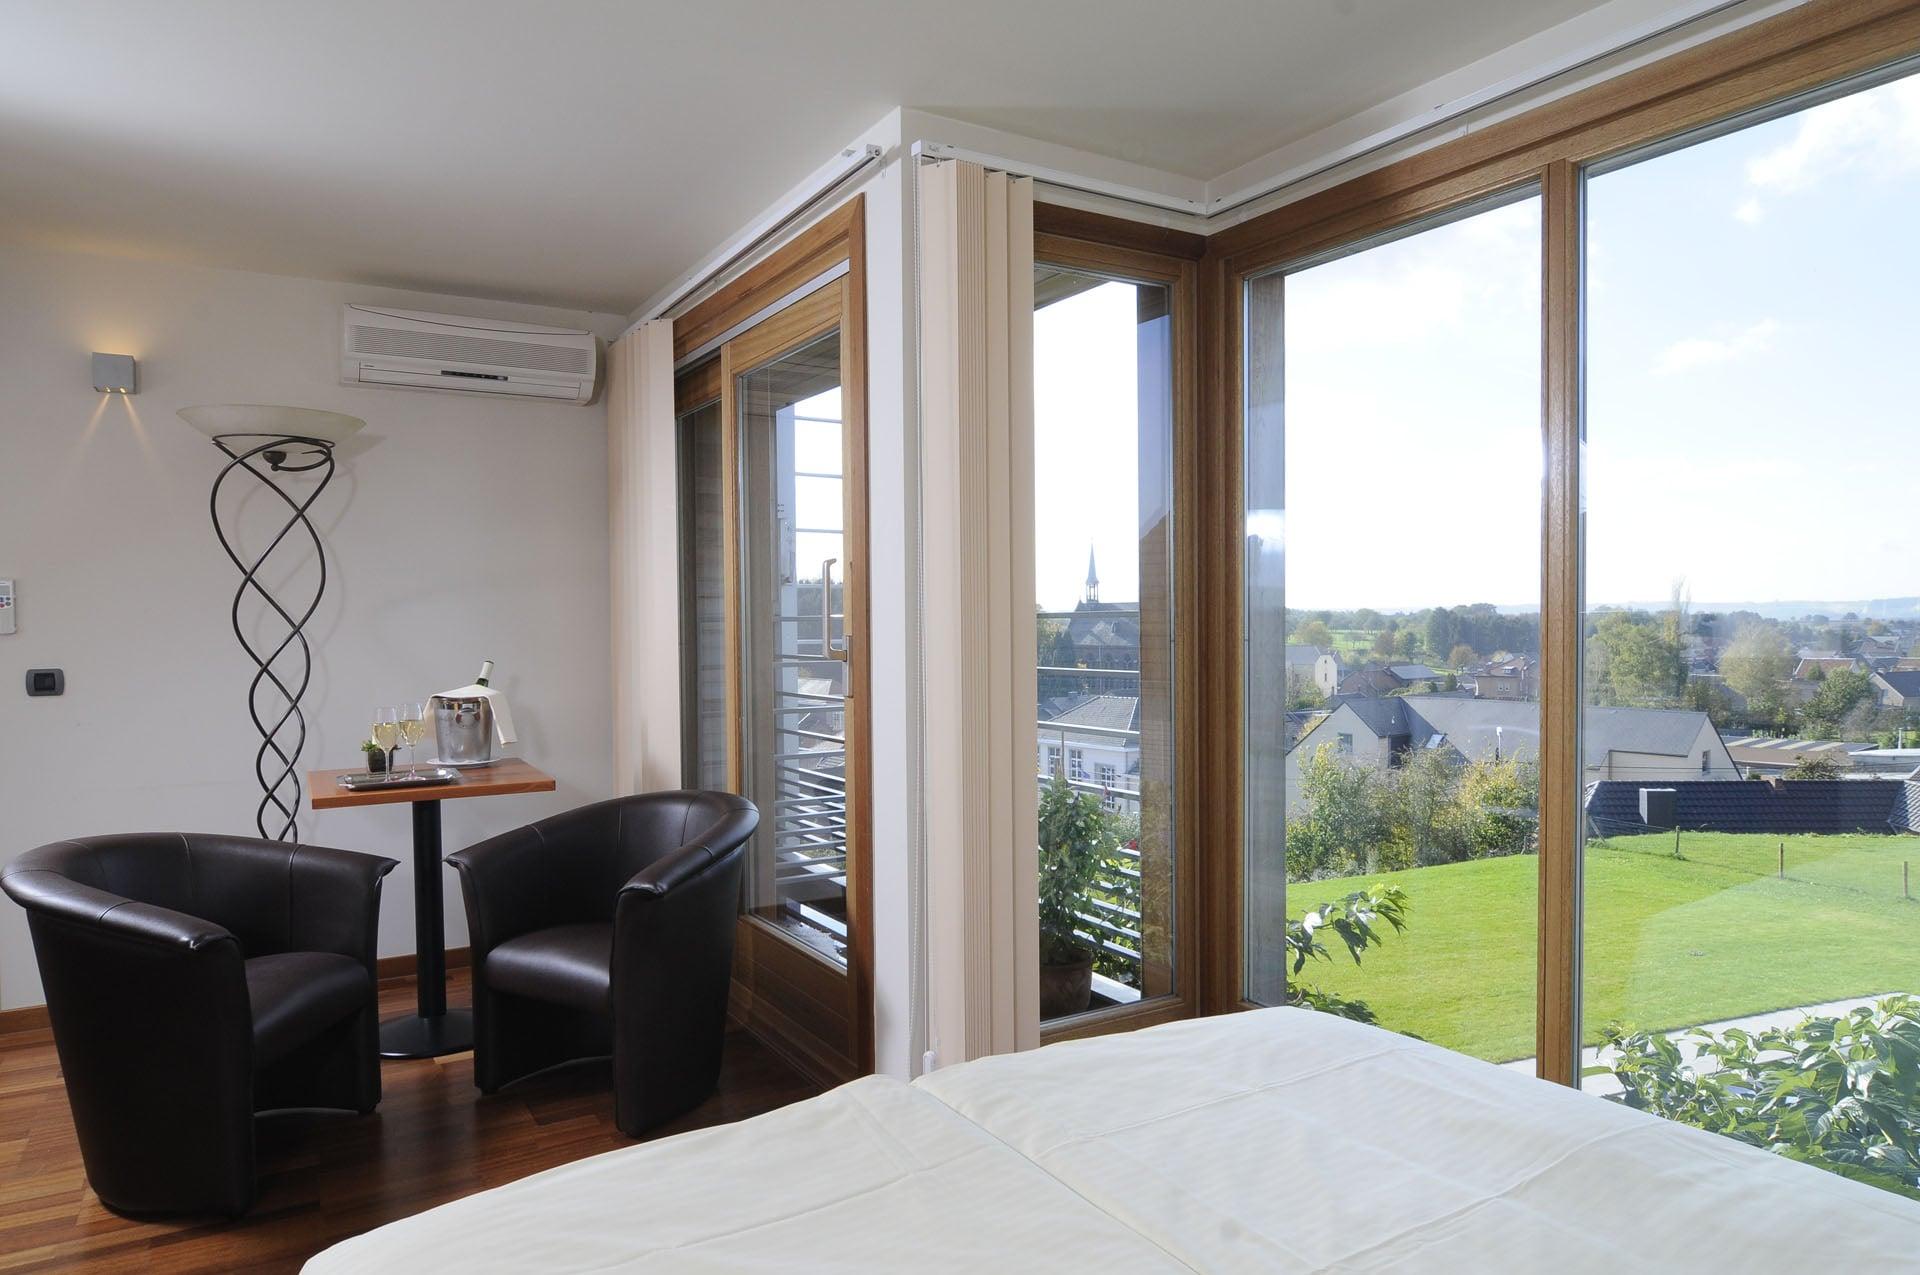 Chambres - Hotel De Kommel